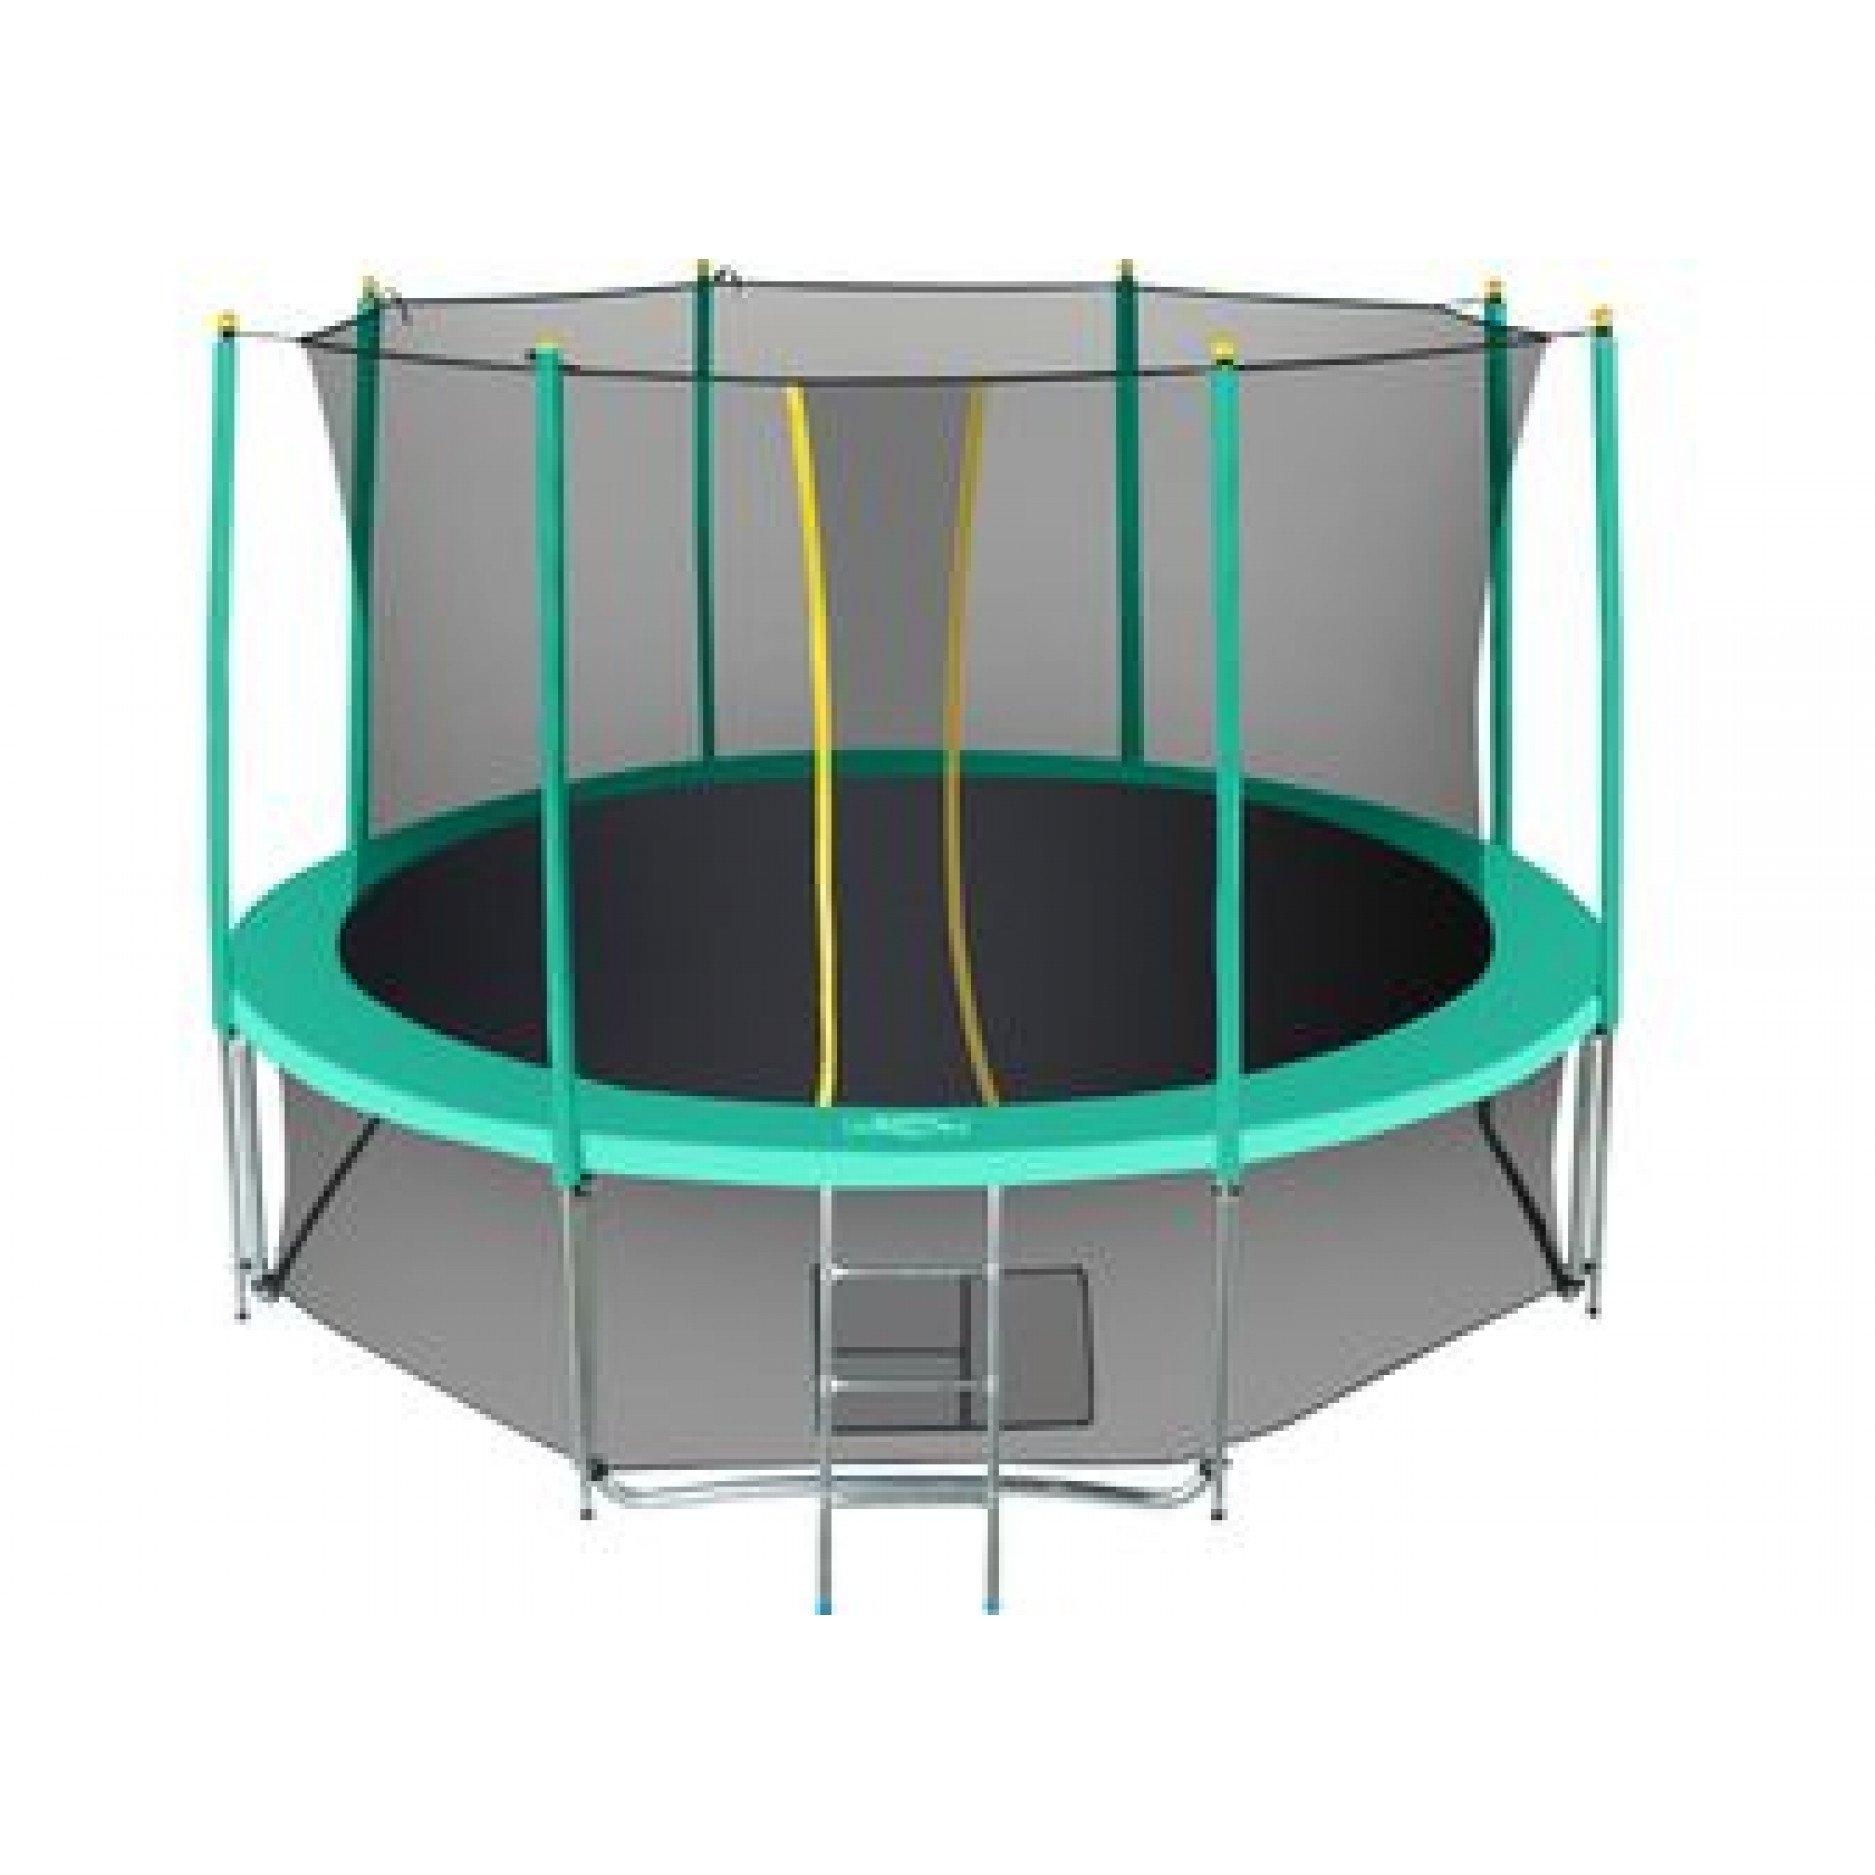 Батут Hasttings Classic green 14ft (4.26 м) с внутренней сеткой